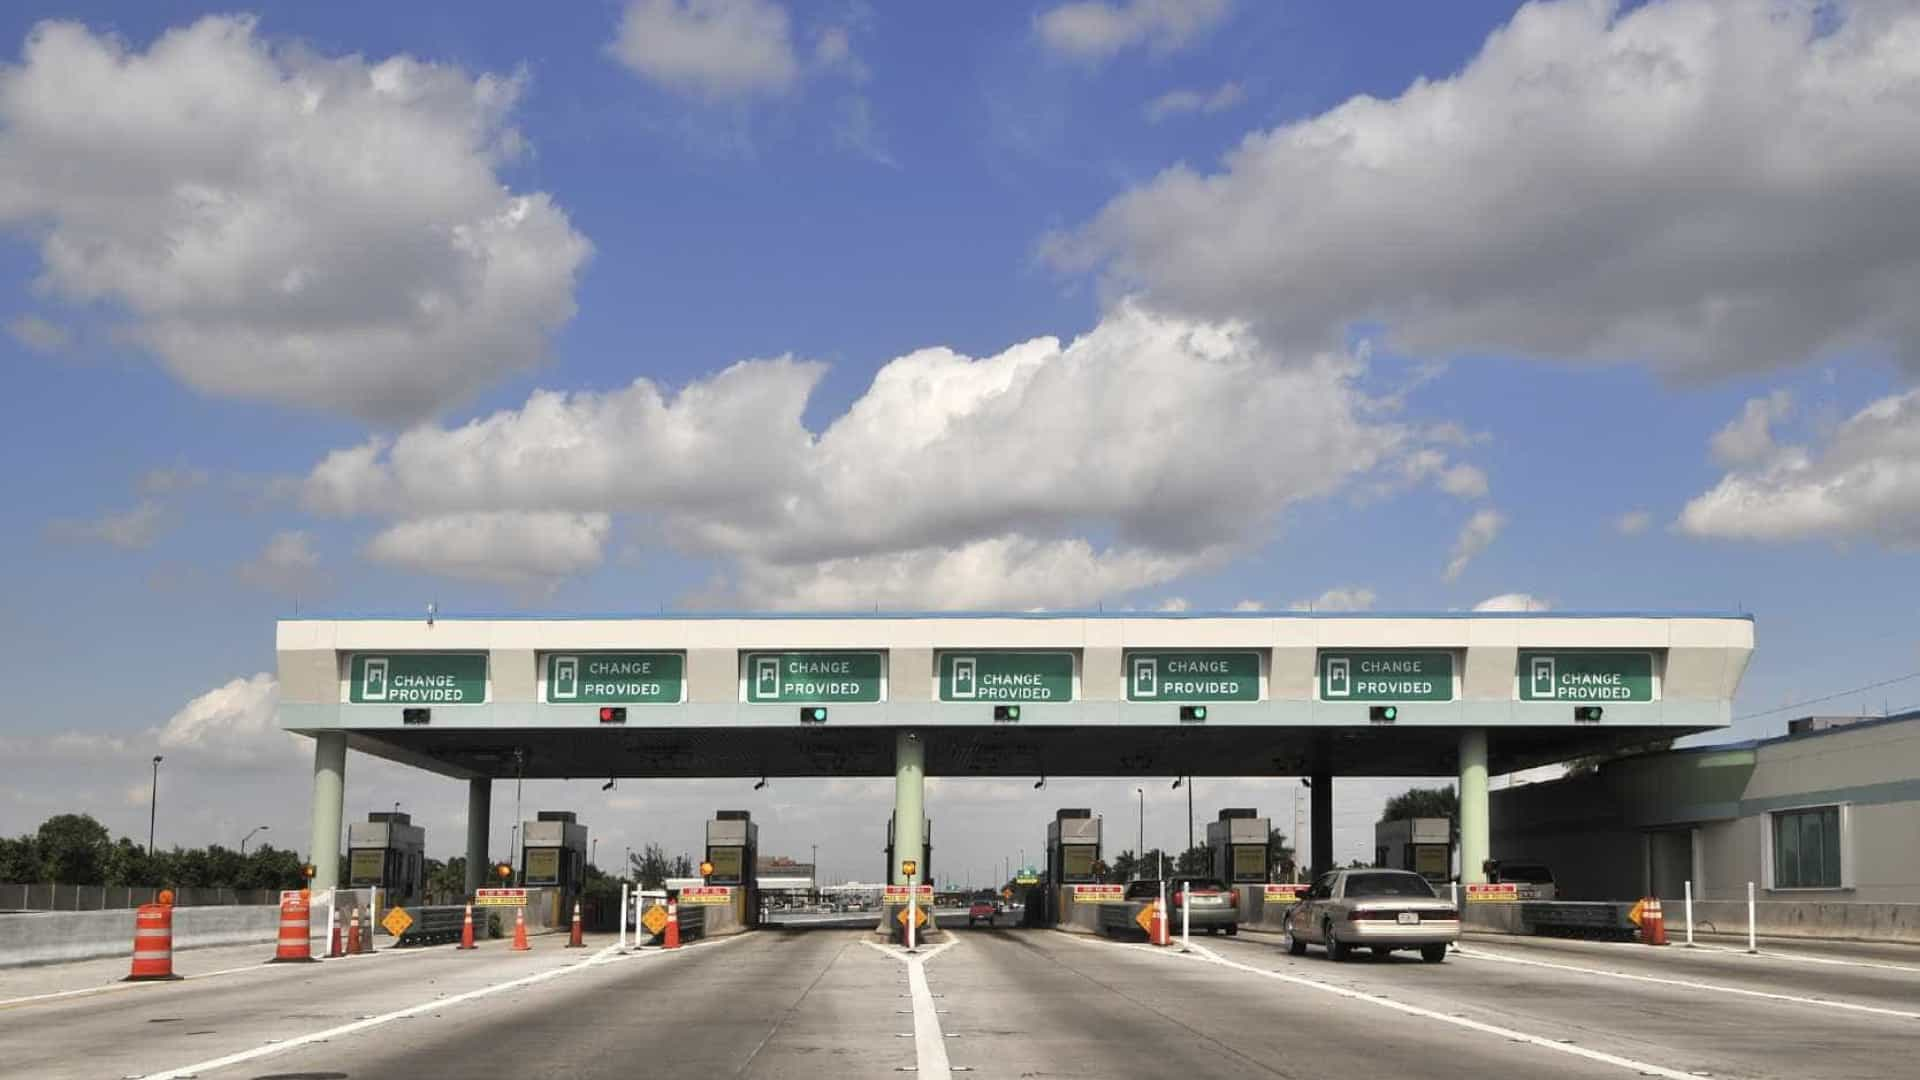 Parlamento discute abolição de portagens na A1 em Vila Franca de Xira